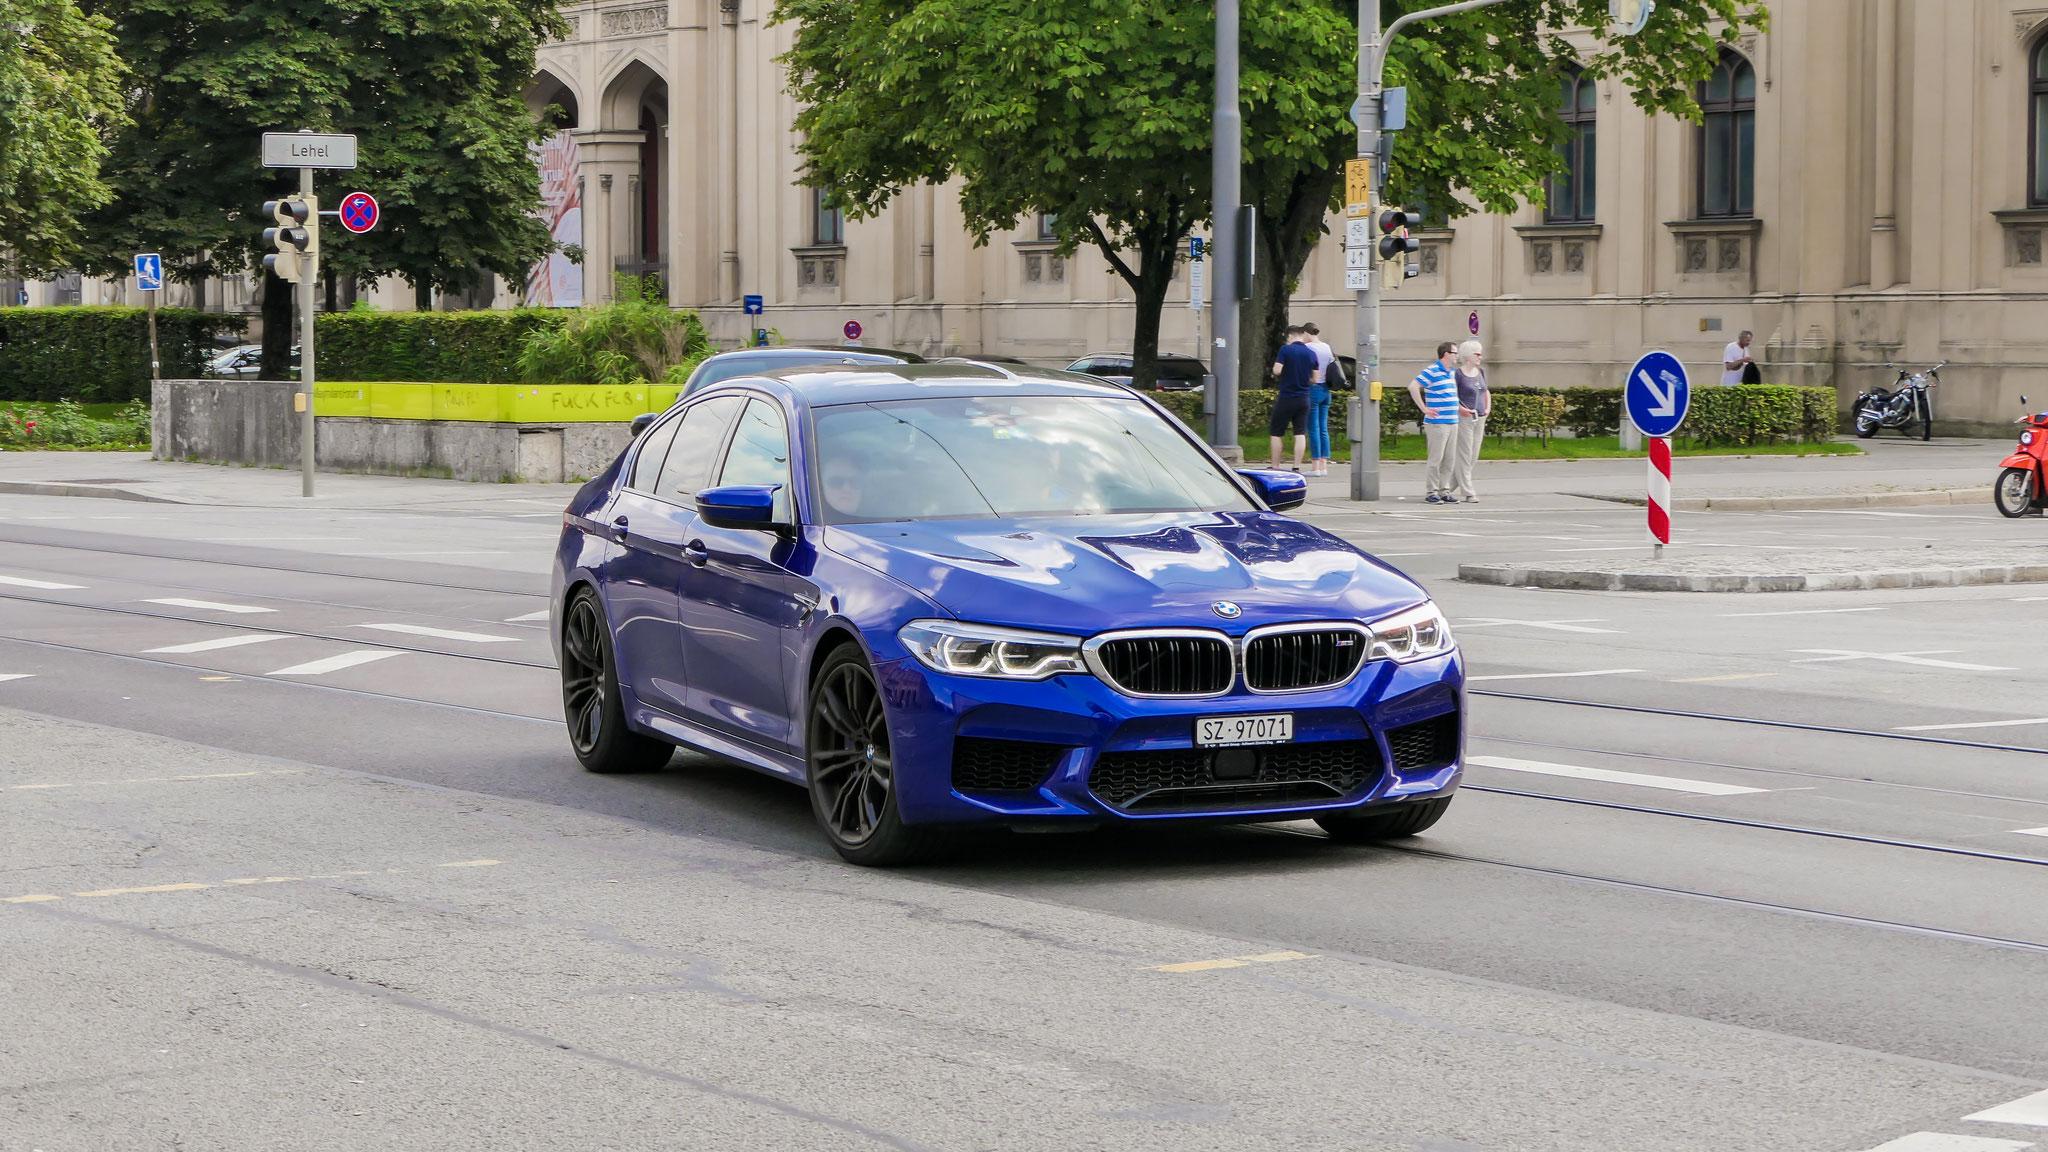 BMW M5 - SZ-97071 (CH)